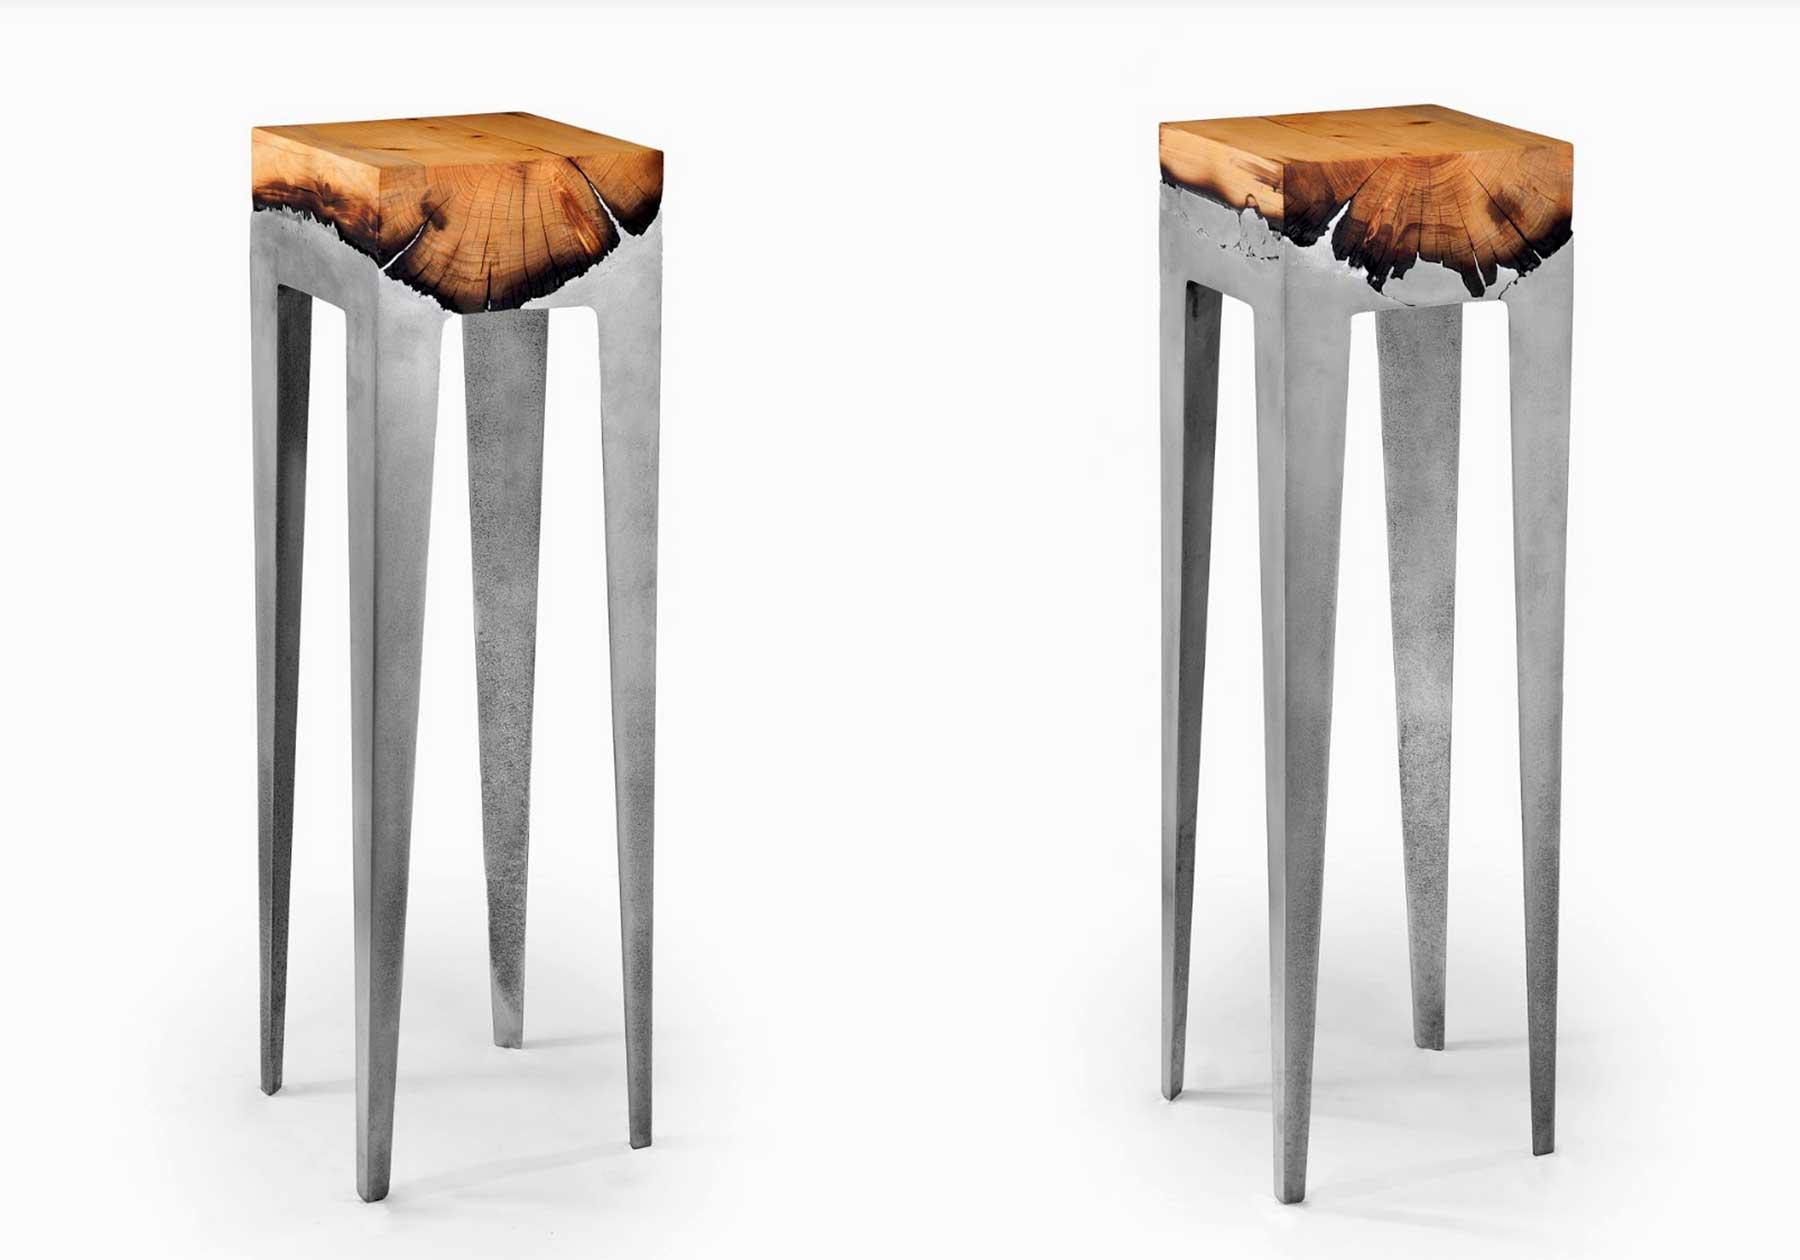 Aluminium-Holz-Möbel von Hilla Shamia Hilla-Shamia-design-studio_04